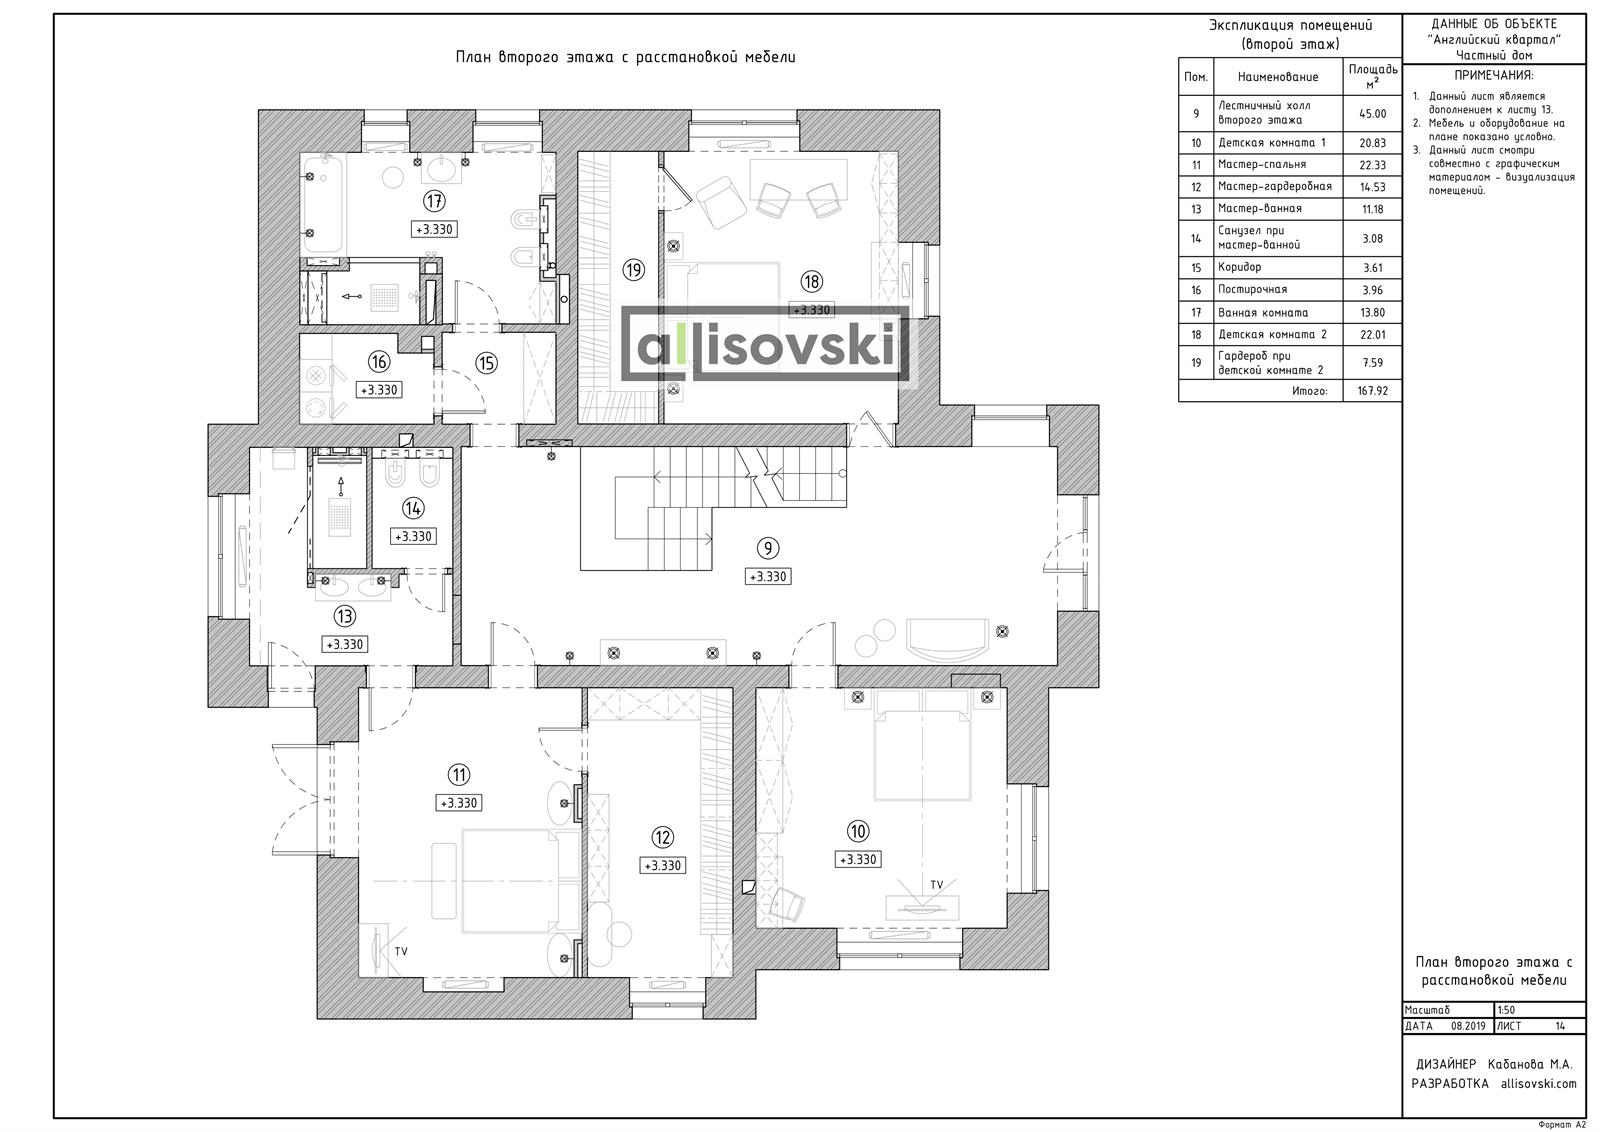 План мебели на втором этаже